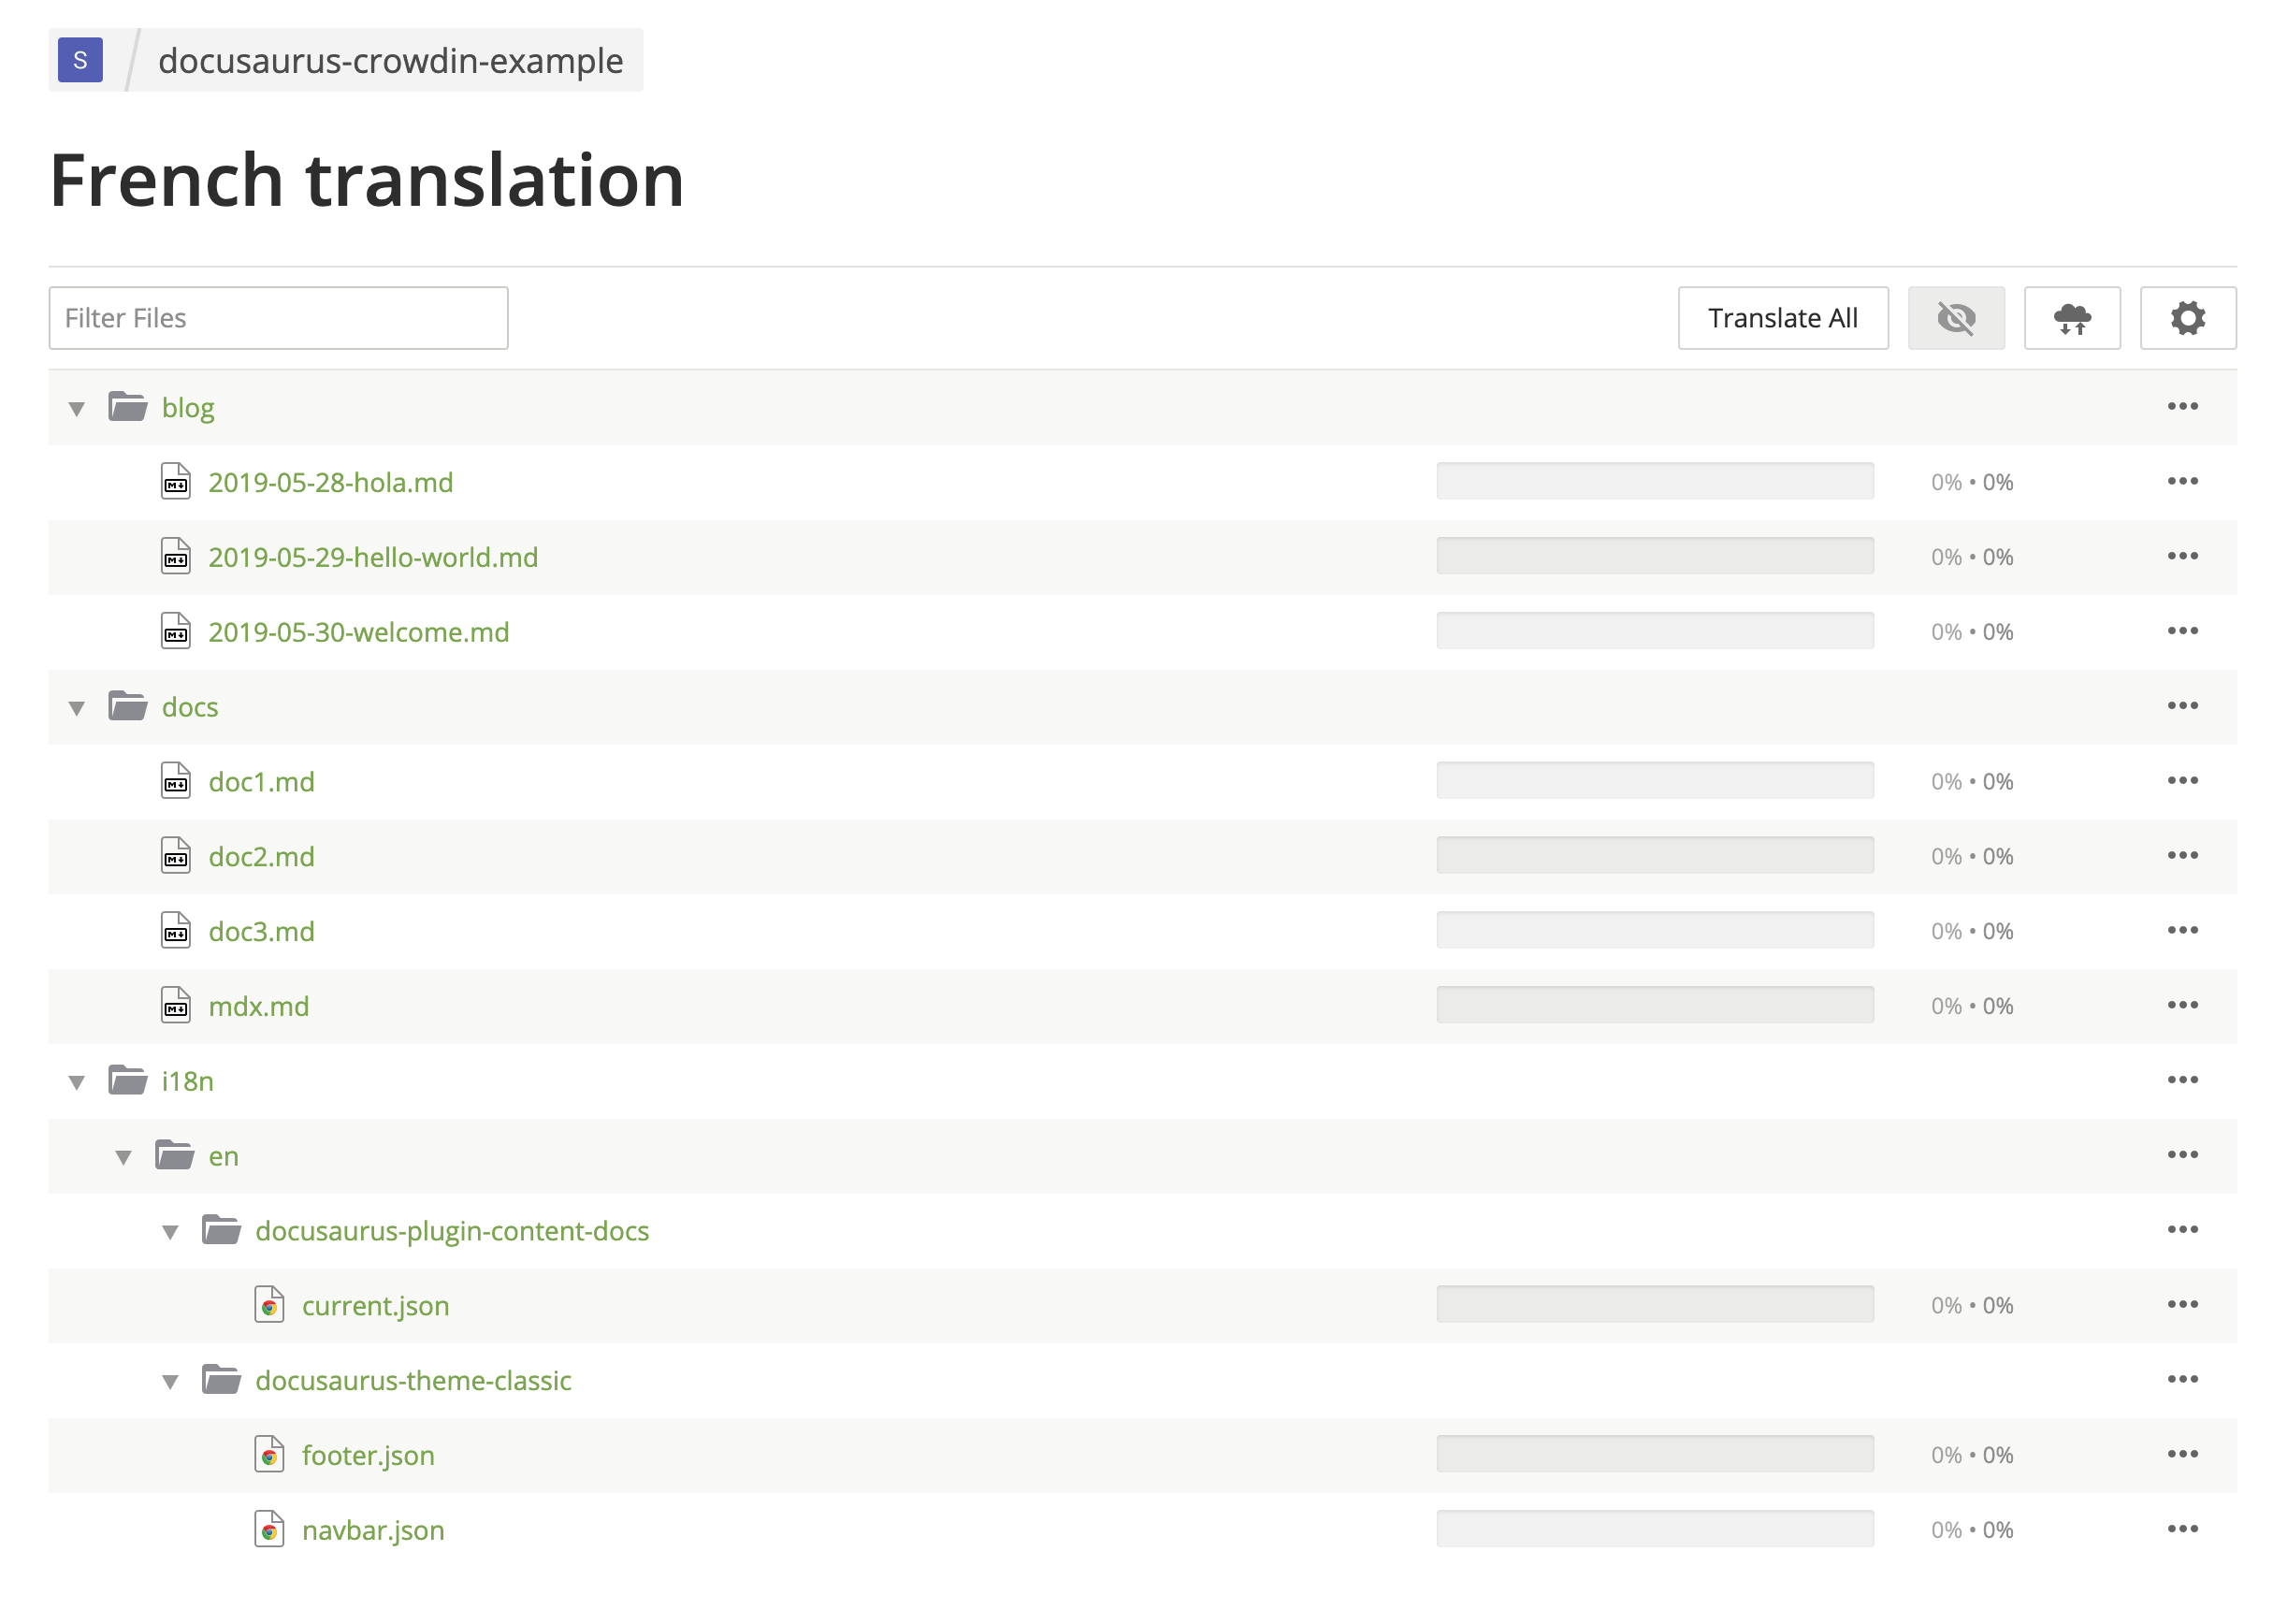 Crowdin UI montrant les fichiers de traduction français